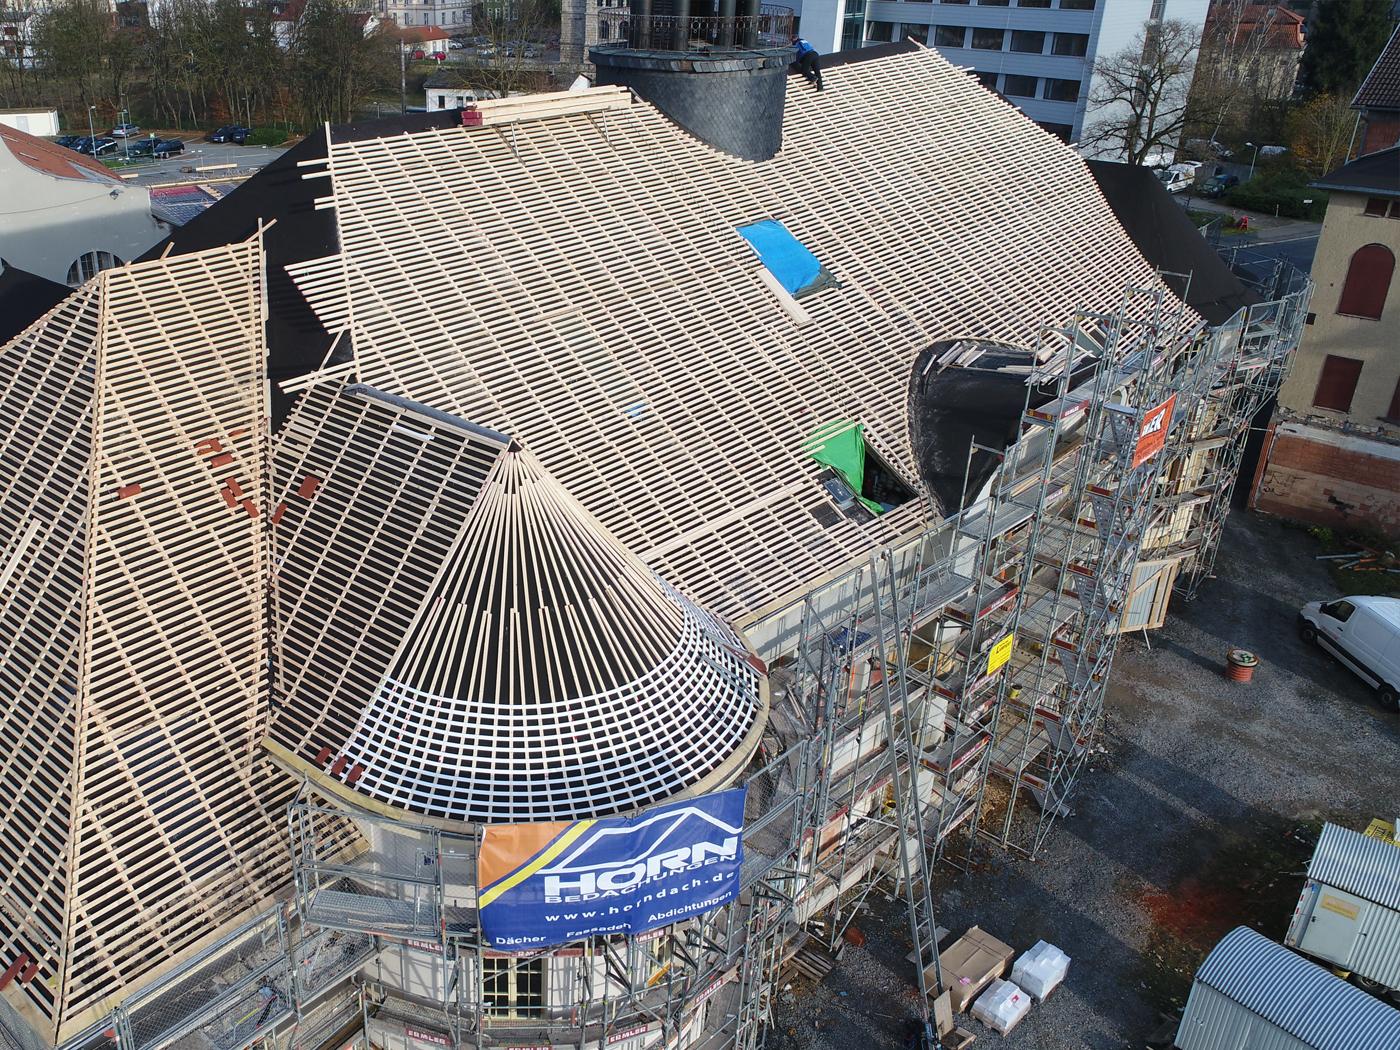 Die Lattung ist am besten von oben sichtbar (Fotos: Horn Bedachungen GmbH & Co. KG)